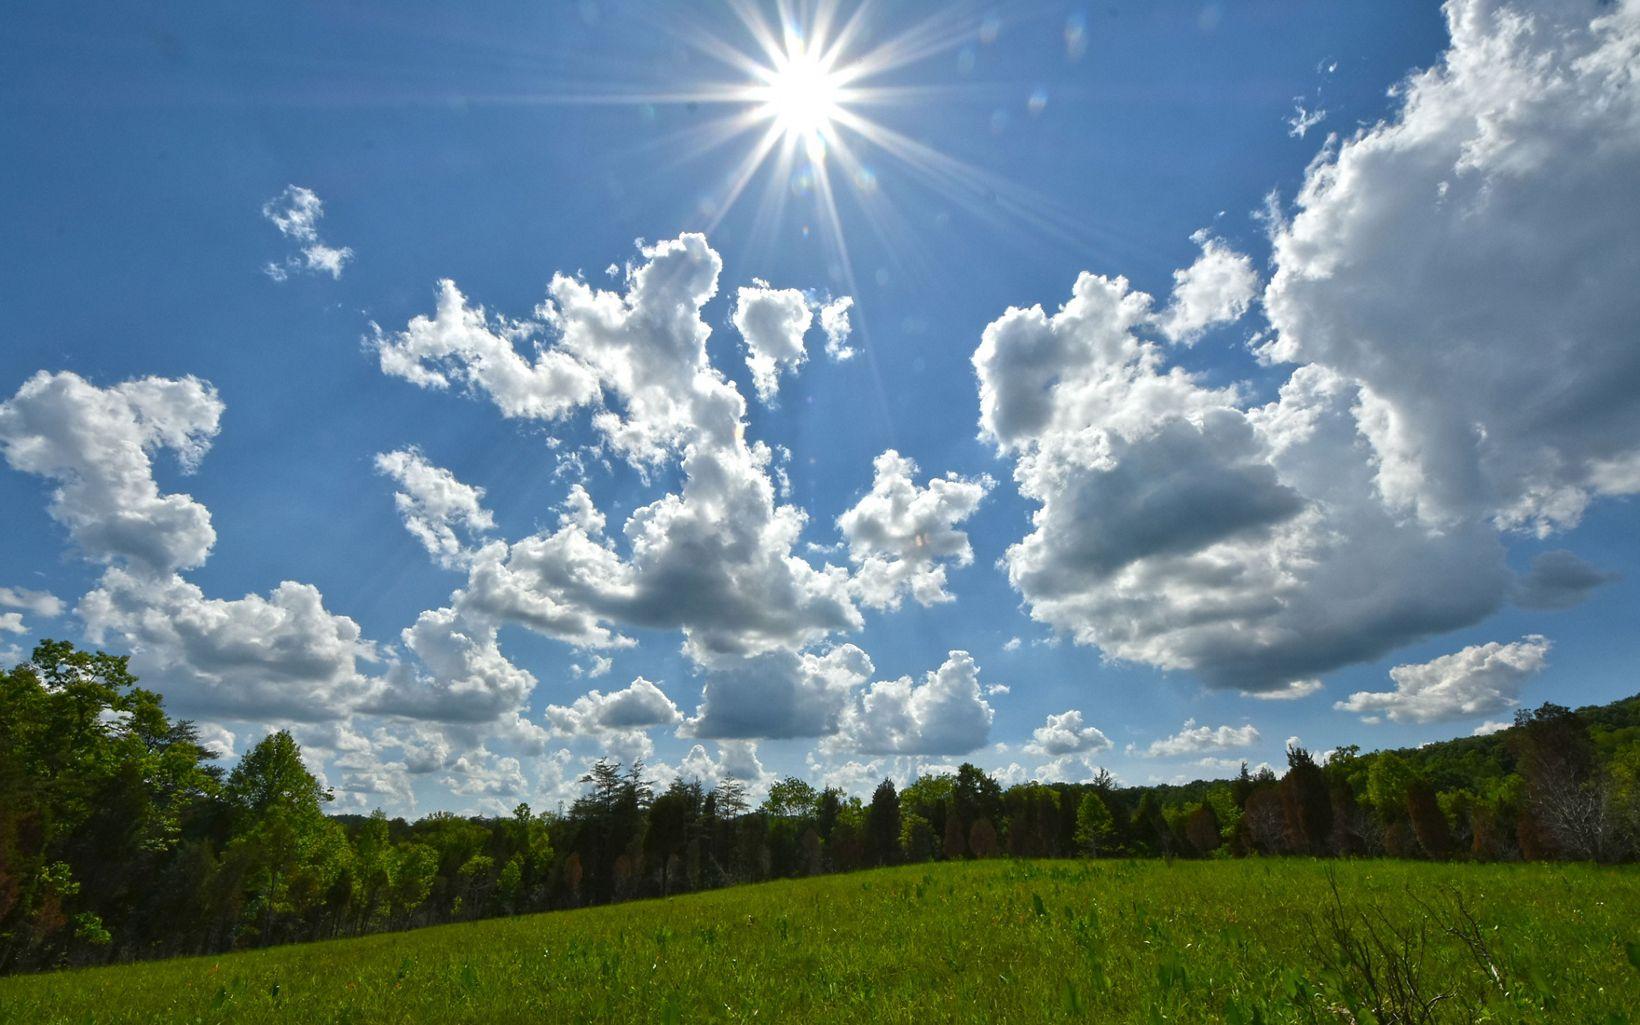 A sunny day at Lynx Prairie